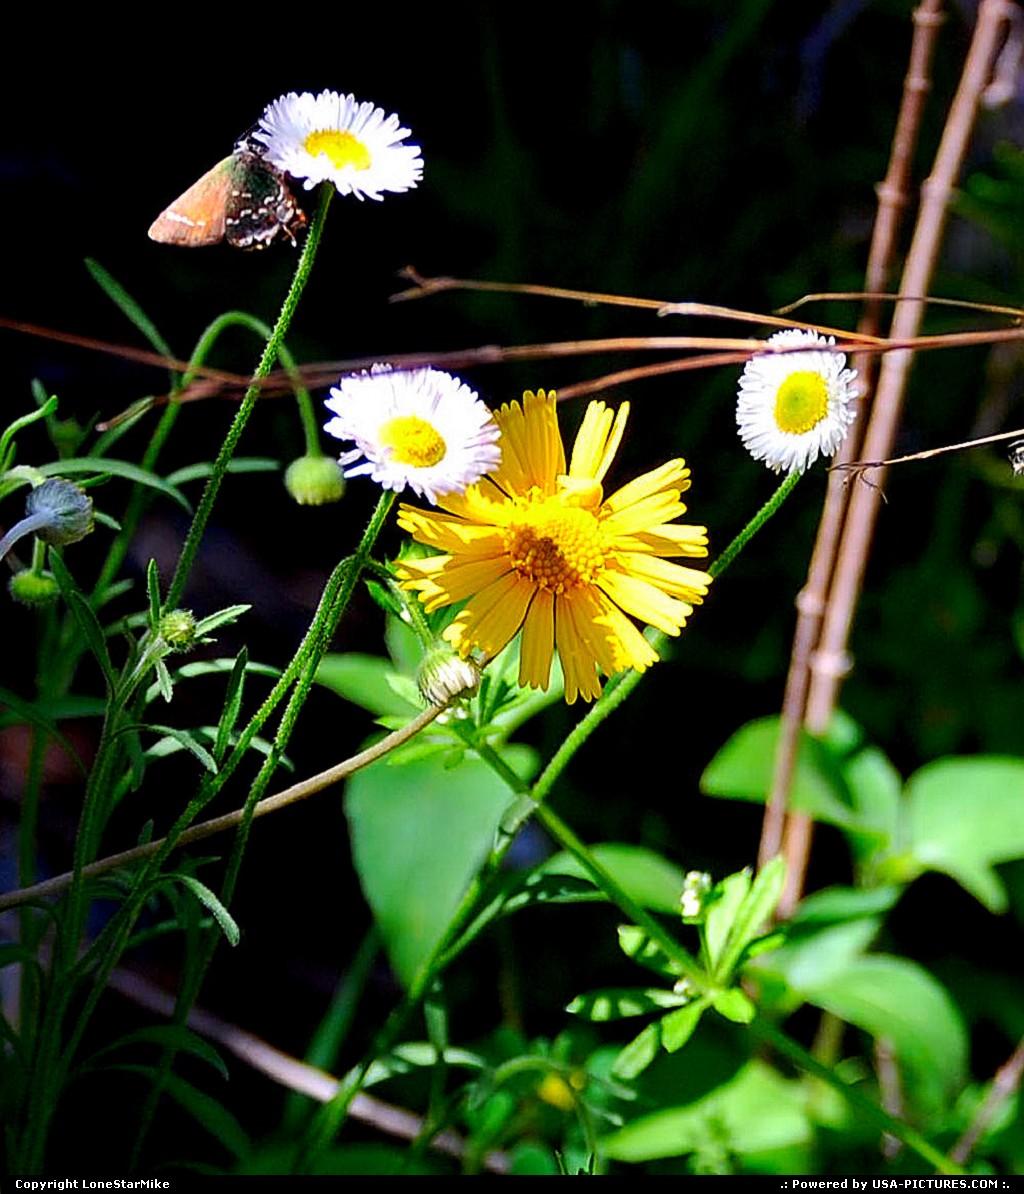 Picture by LoneStarMike:AustinTexasflower, wildflowers, butterfly